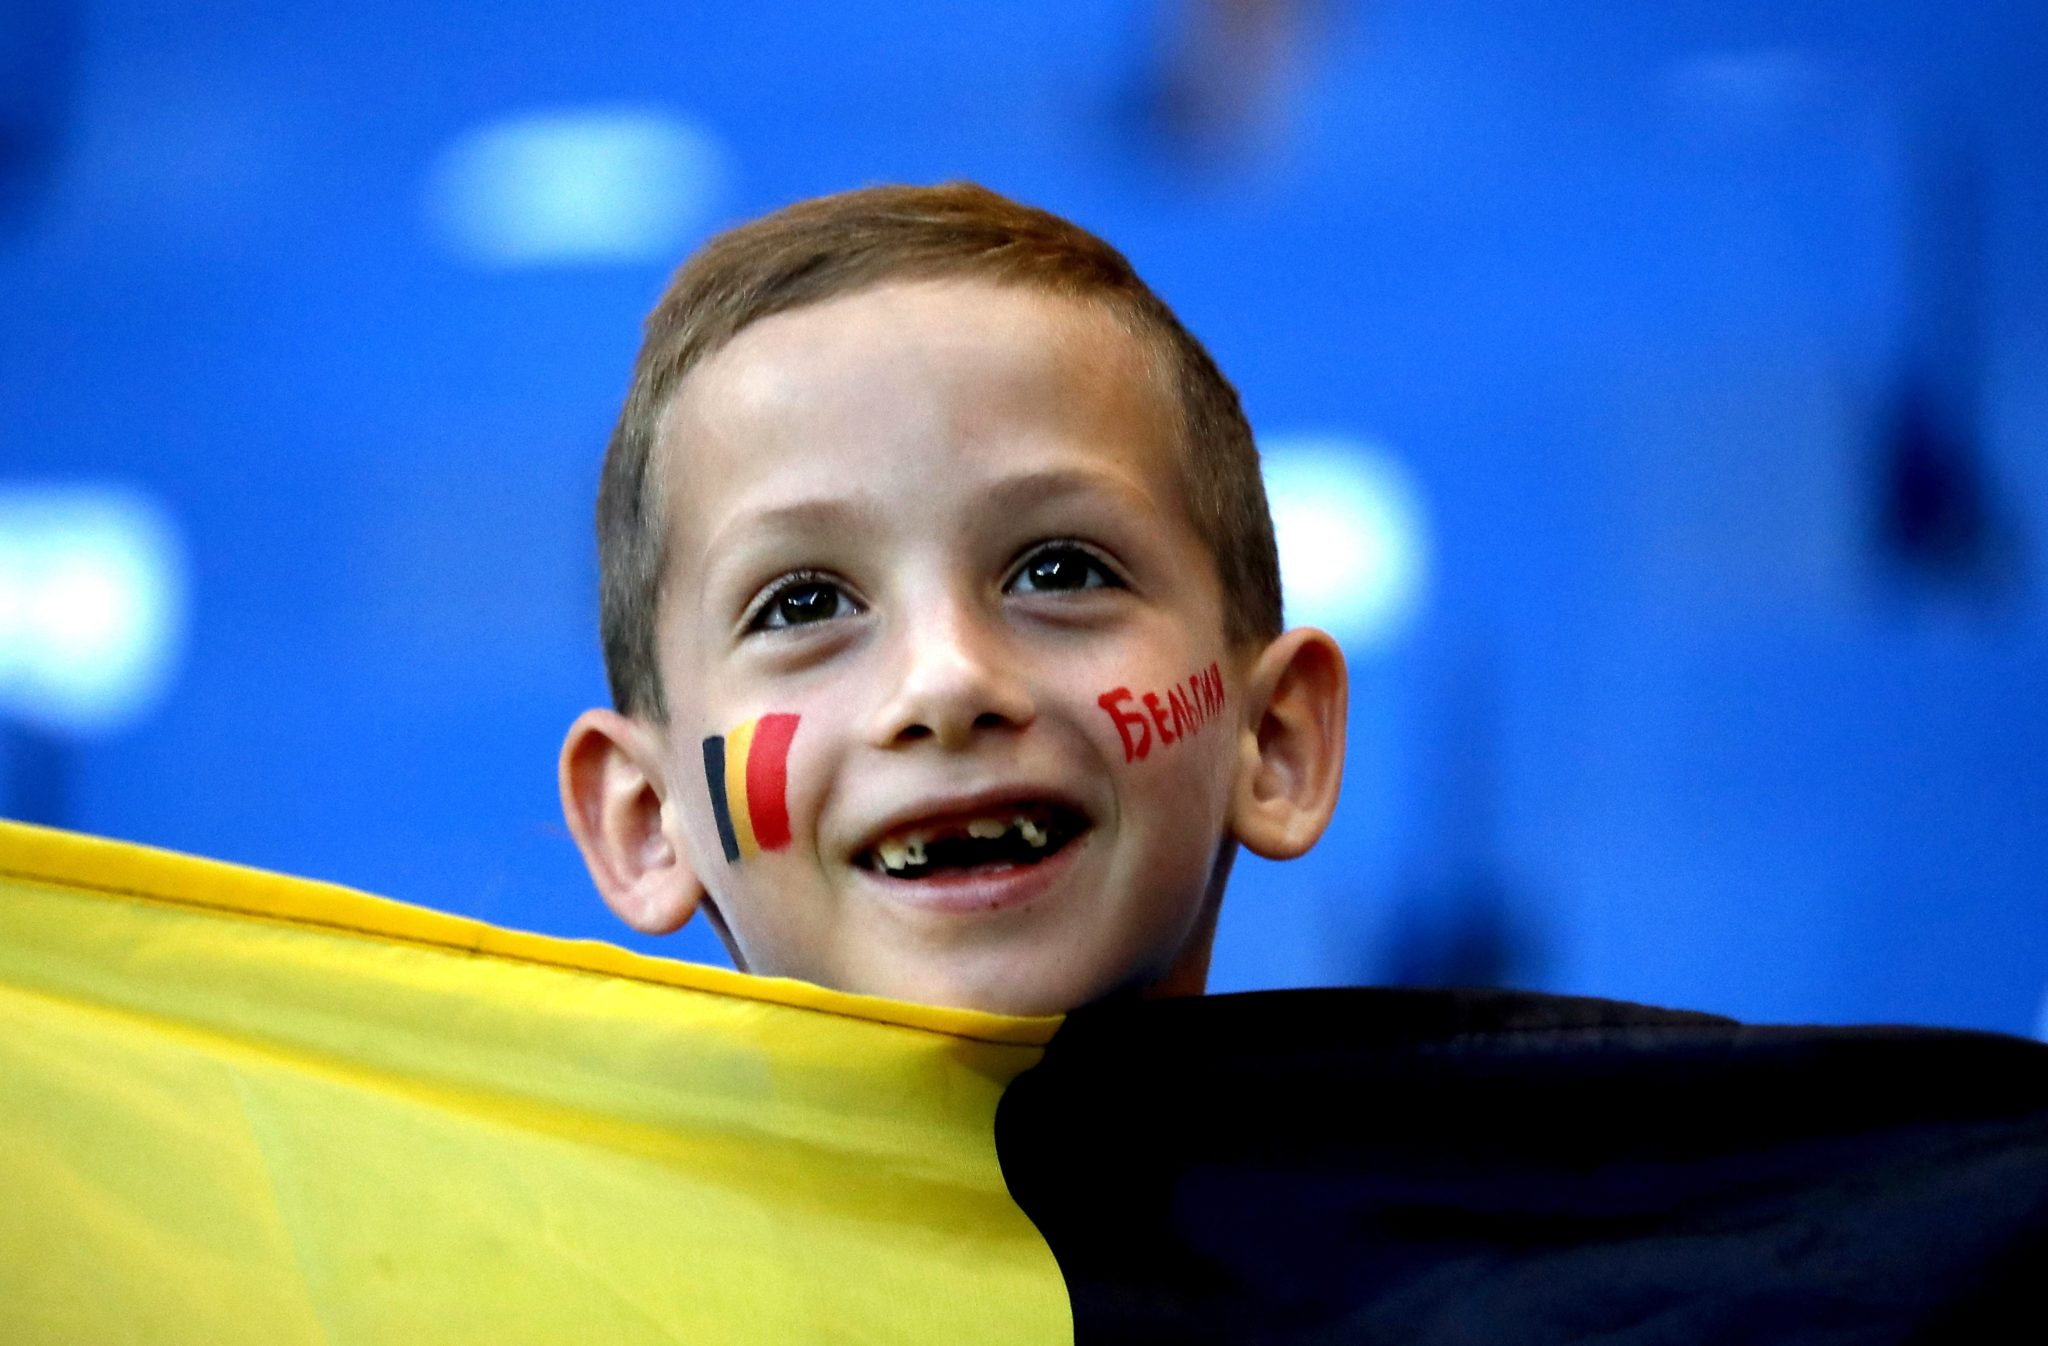 Zdjęcie: kibice belgijskiej reprezentacji, w czasie meczu z Japonią, fot: Stephanie Lecocq, PAP/EPA